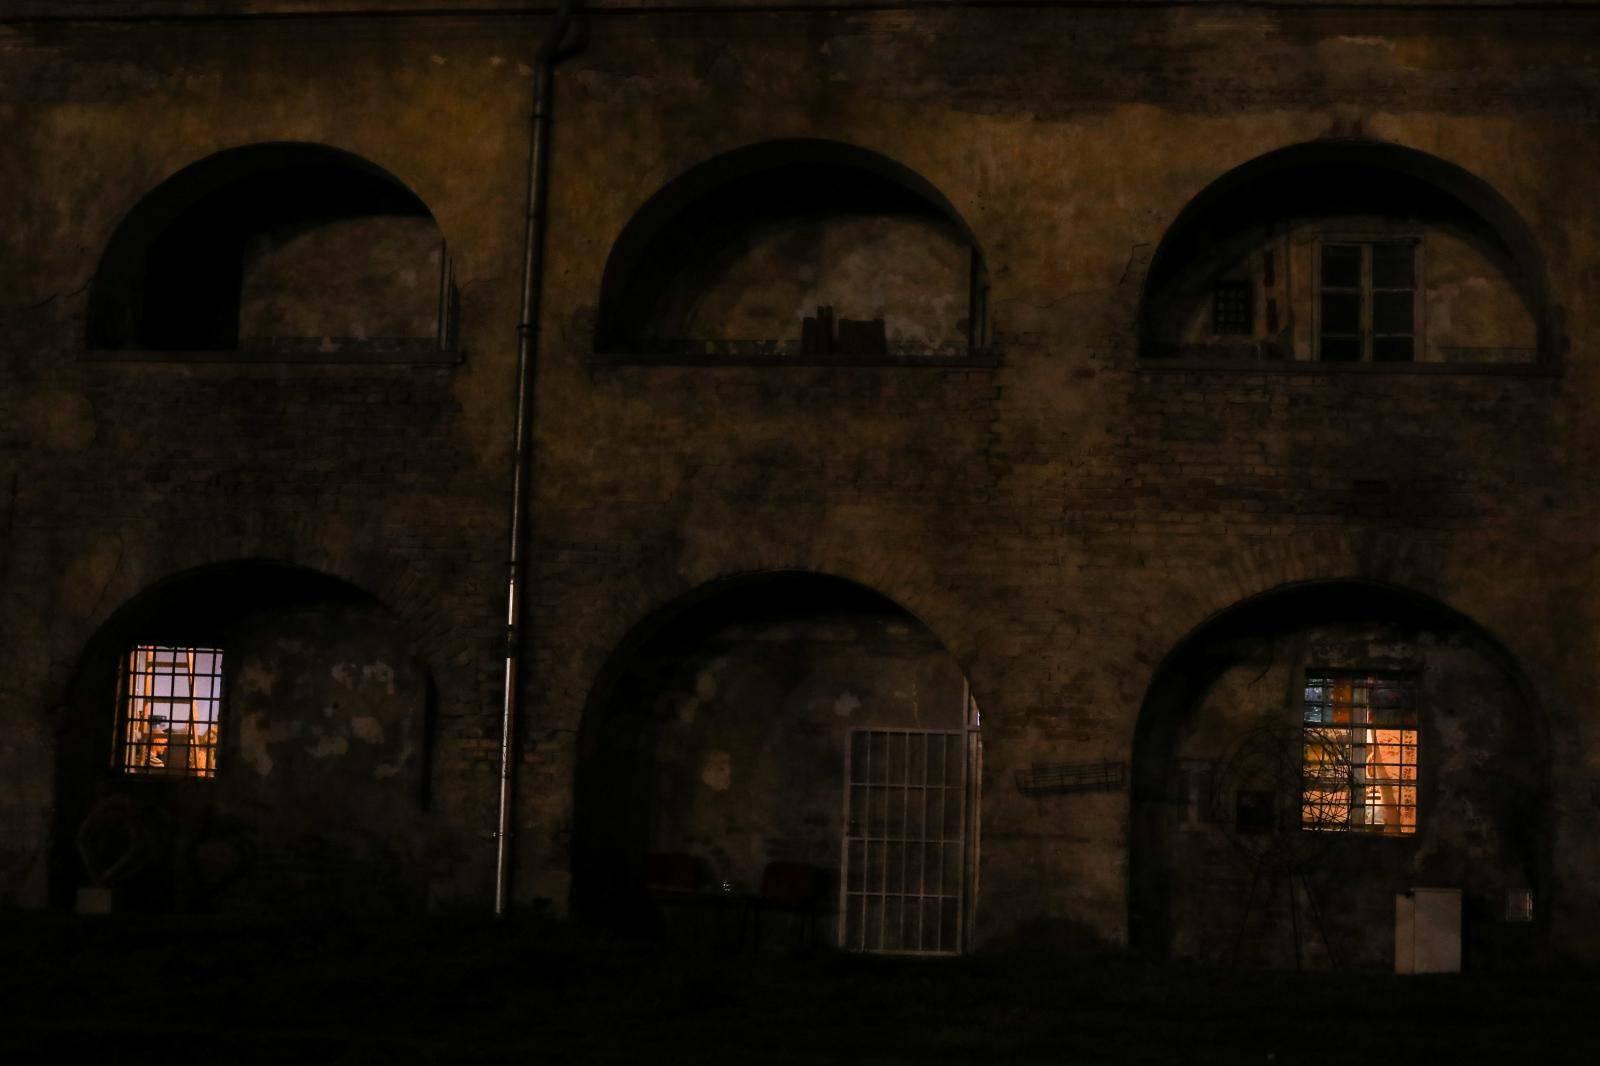 Osječka tvrđa u mraku povodom Sata za planet Zemlju